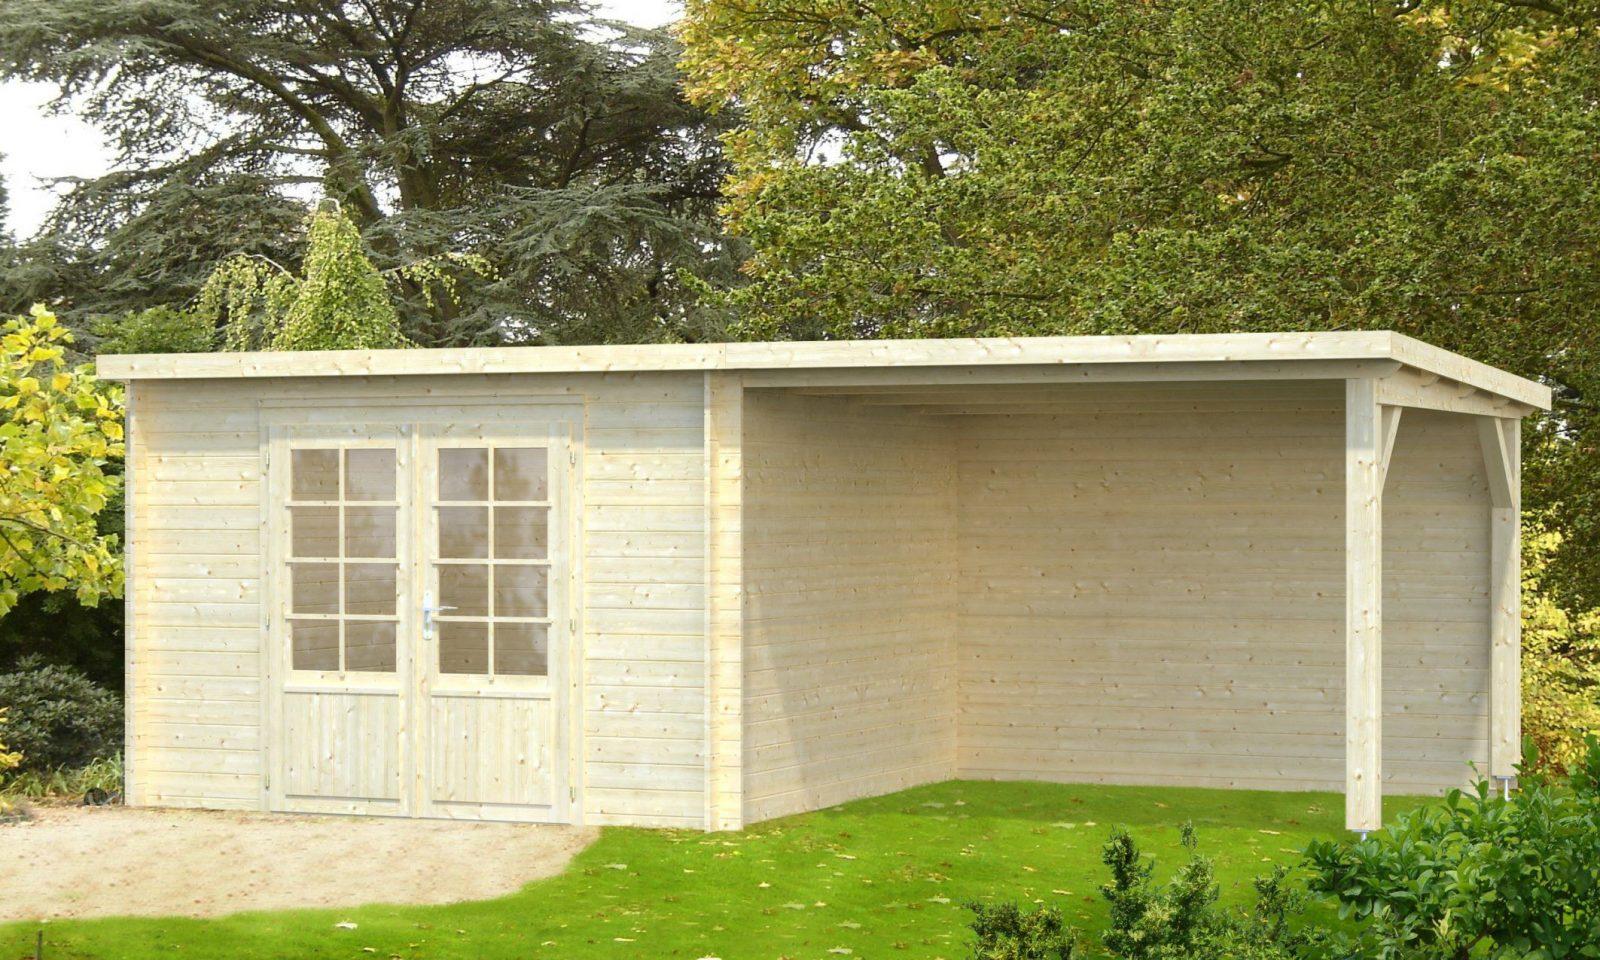 Palmako Gartenhaus Ella 87 + 82 M² Frb2859301 von Gartenhaus 3 X 4 Meter Bild